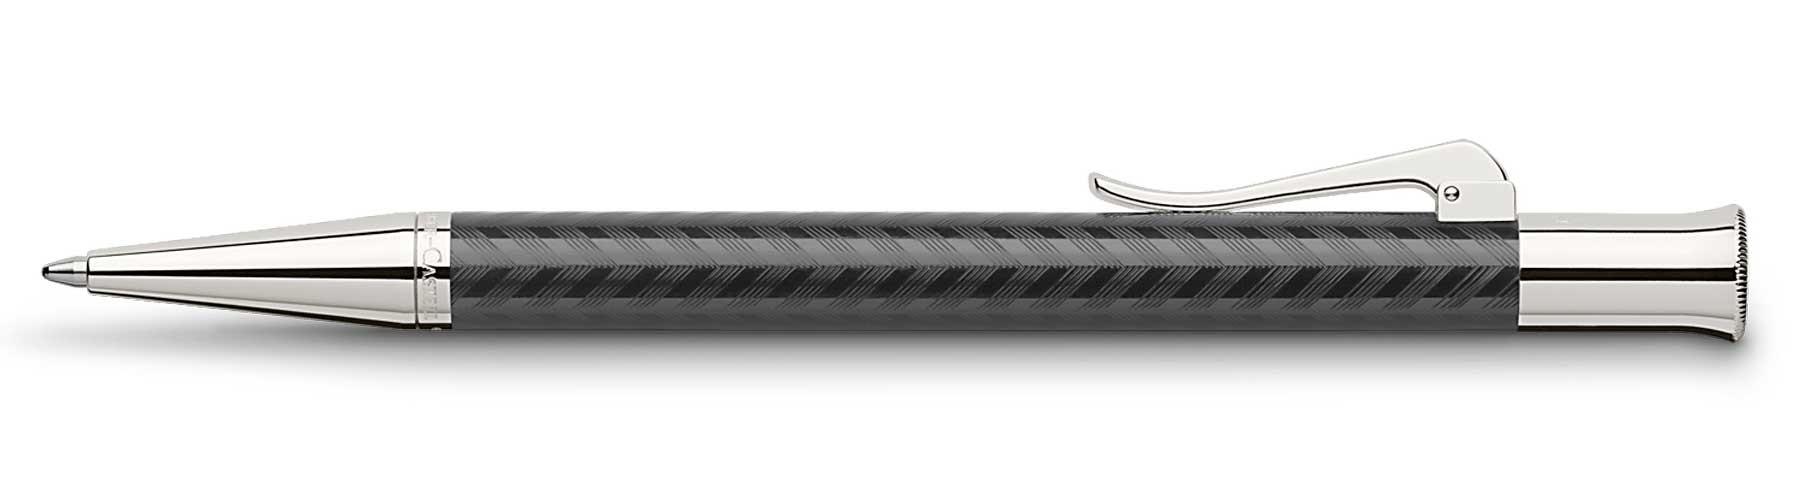 Шариковая ручка Graf von Faber-Castell Guilloche Chevron